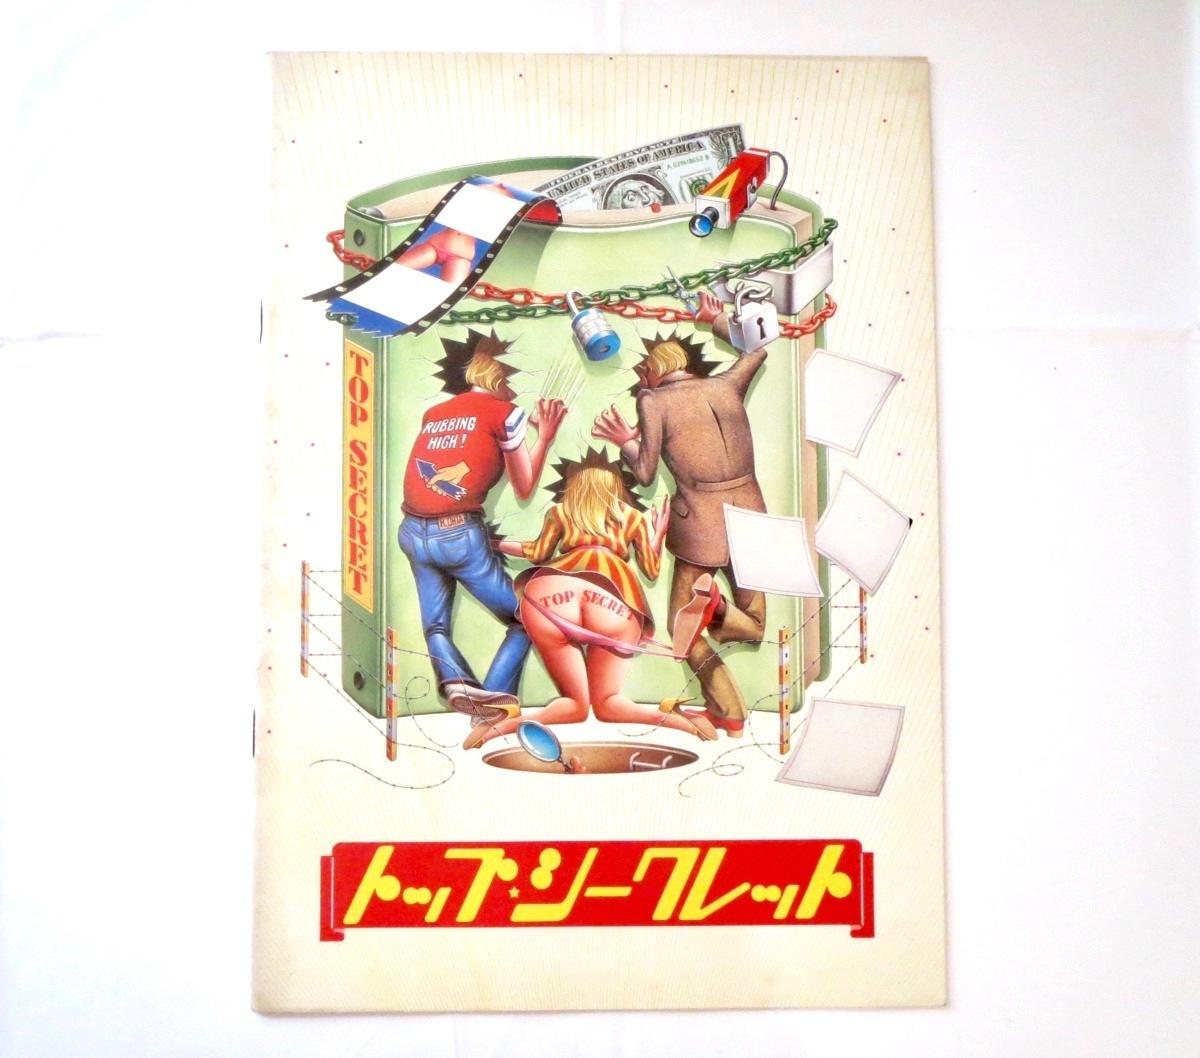 映画パンフレット「トップ・シークレット」1985年公開・アメリカ作品/ジム・アブラハムズ バル・キルマー 音楽 東ドイツ 寄稿:おかむら良_画像1